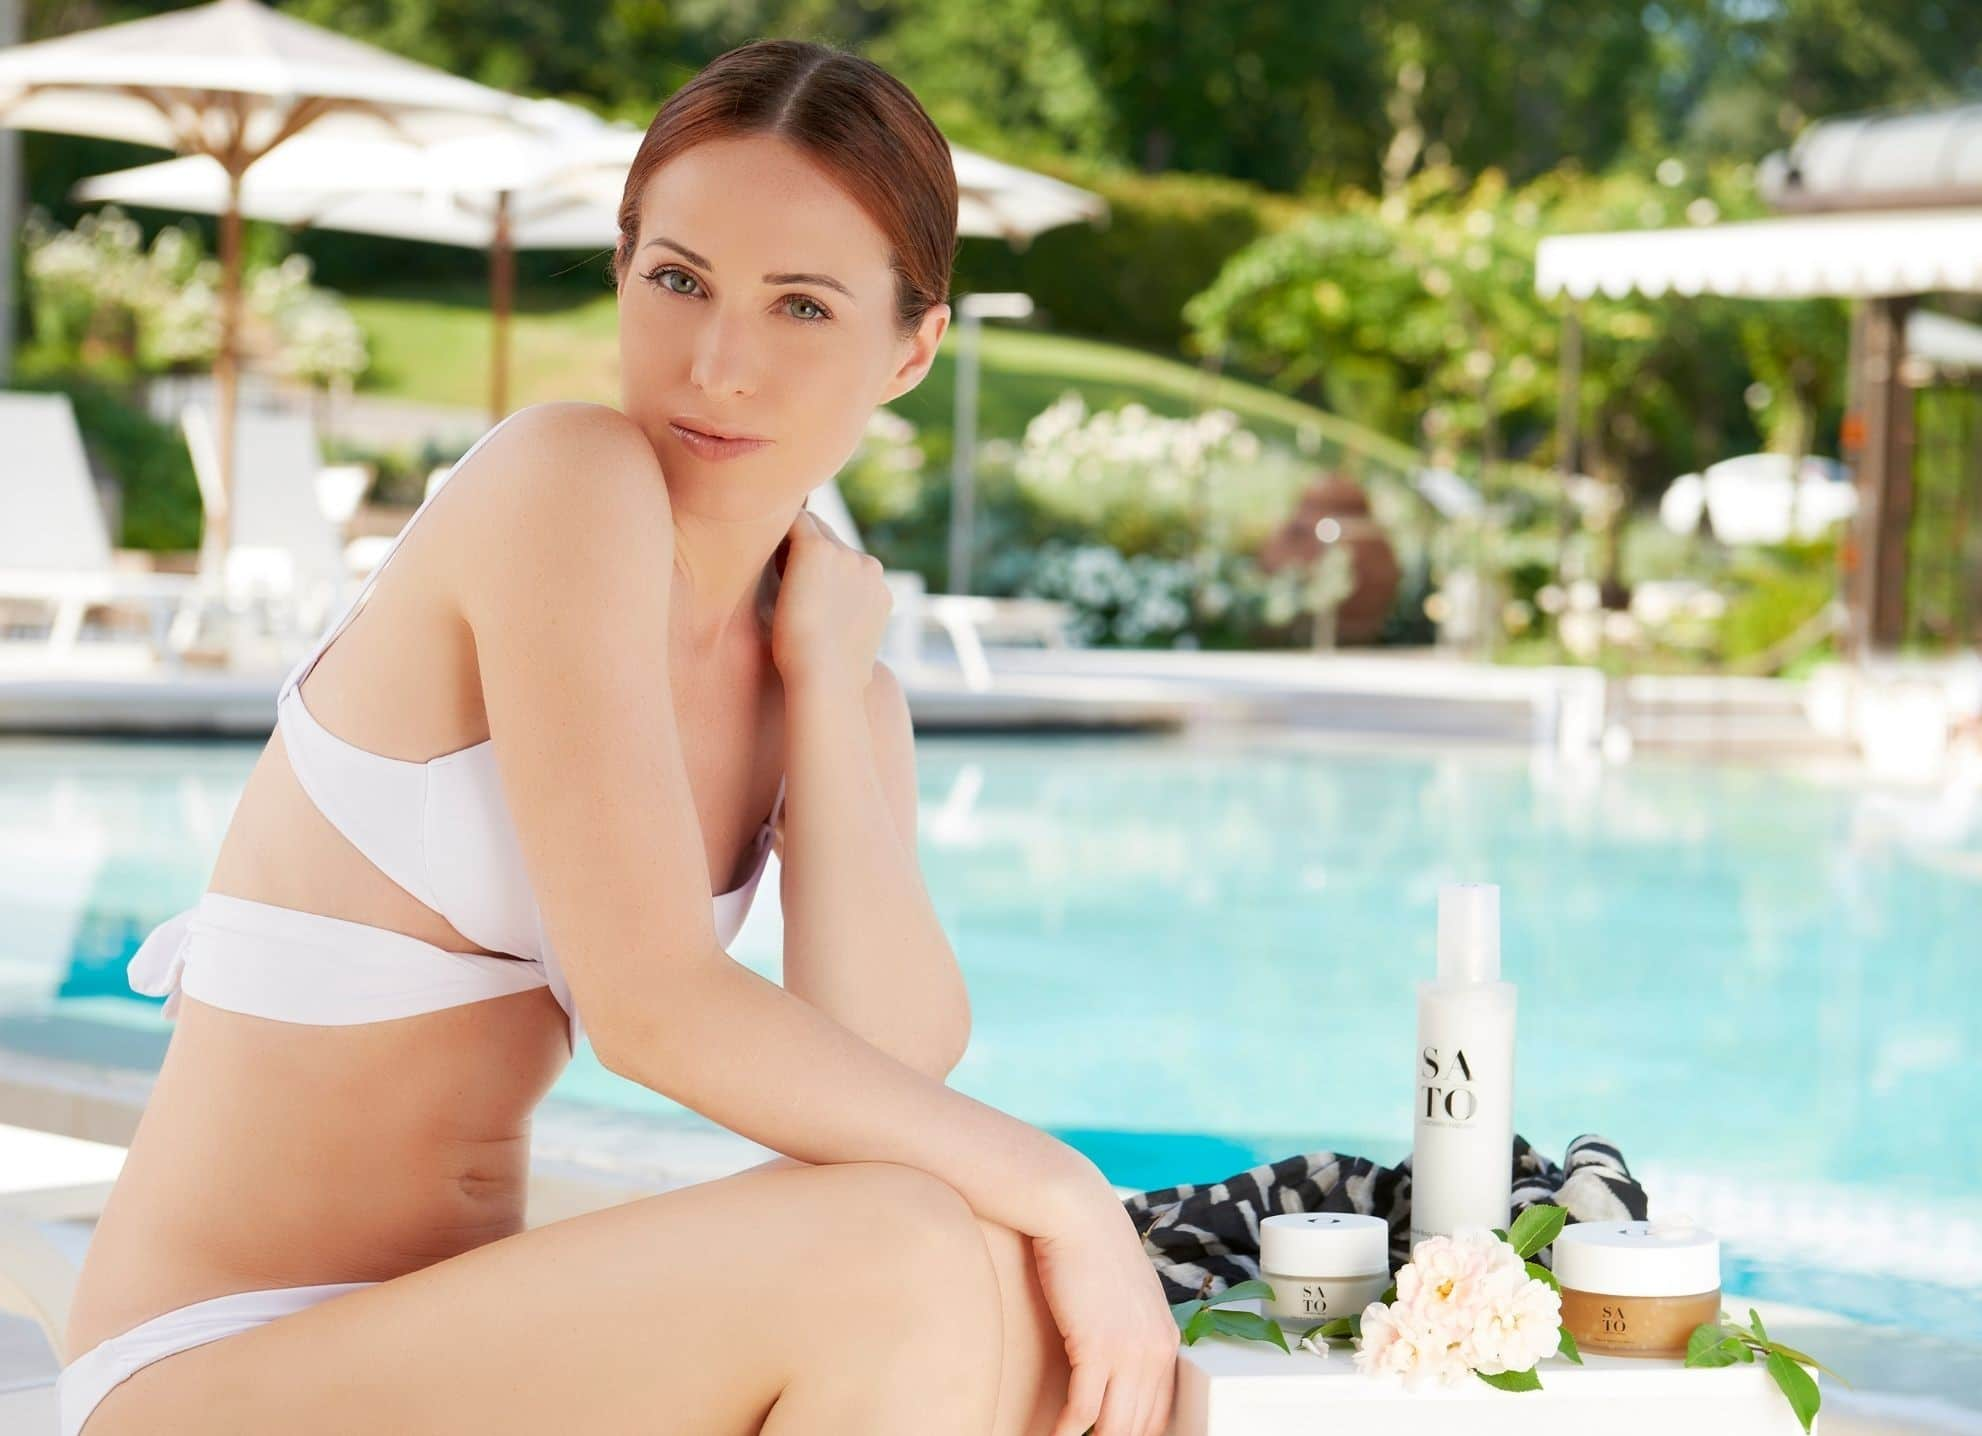 Read more about the article Come mantenere l'abbronzatura? Quali sono i consigli per prolungare l'abbronzatura a lungo?